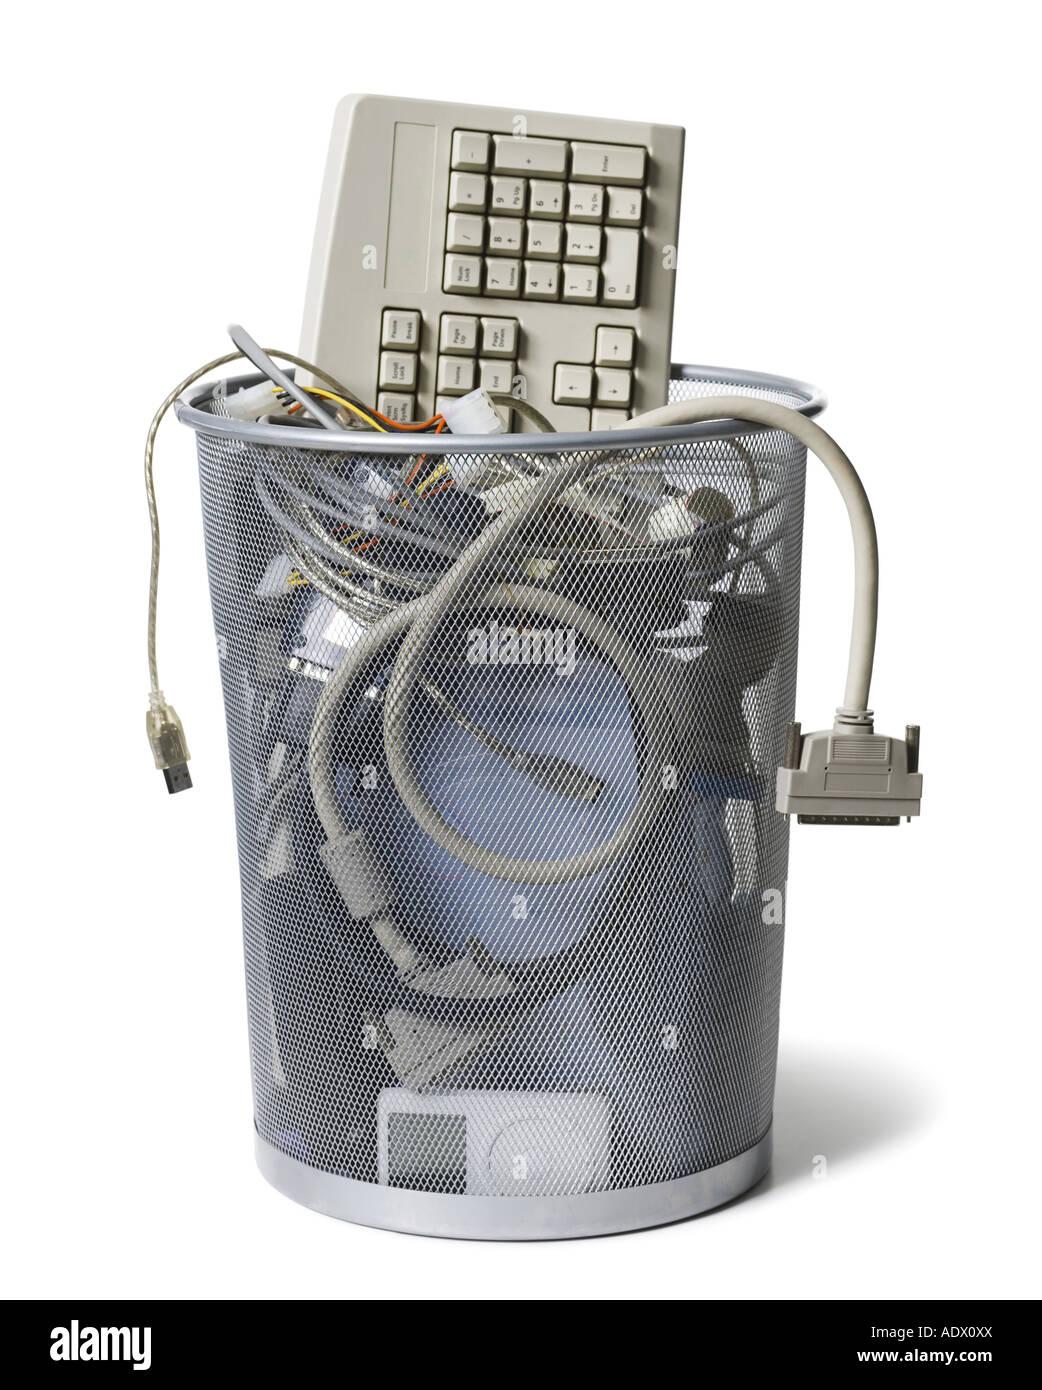 Papierkorb mit Tastatur und Computer Kabel Stockbild